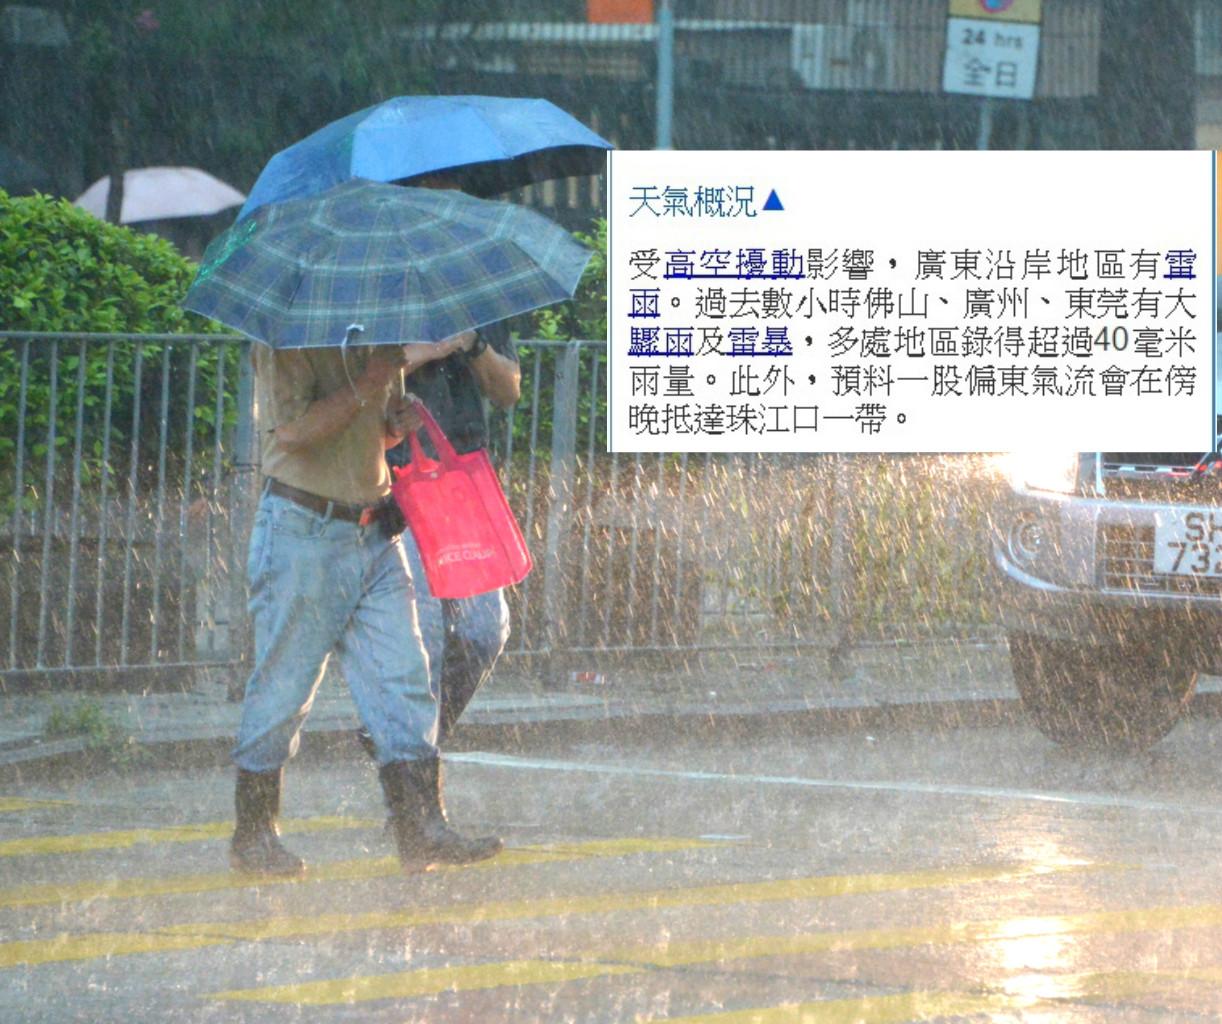 天文台少有地在報文提及佛山、廣州、東莞落大驟雨。